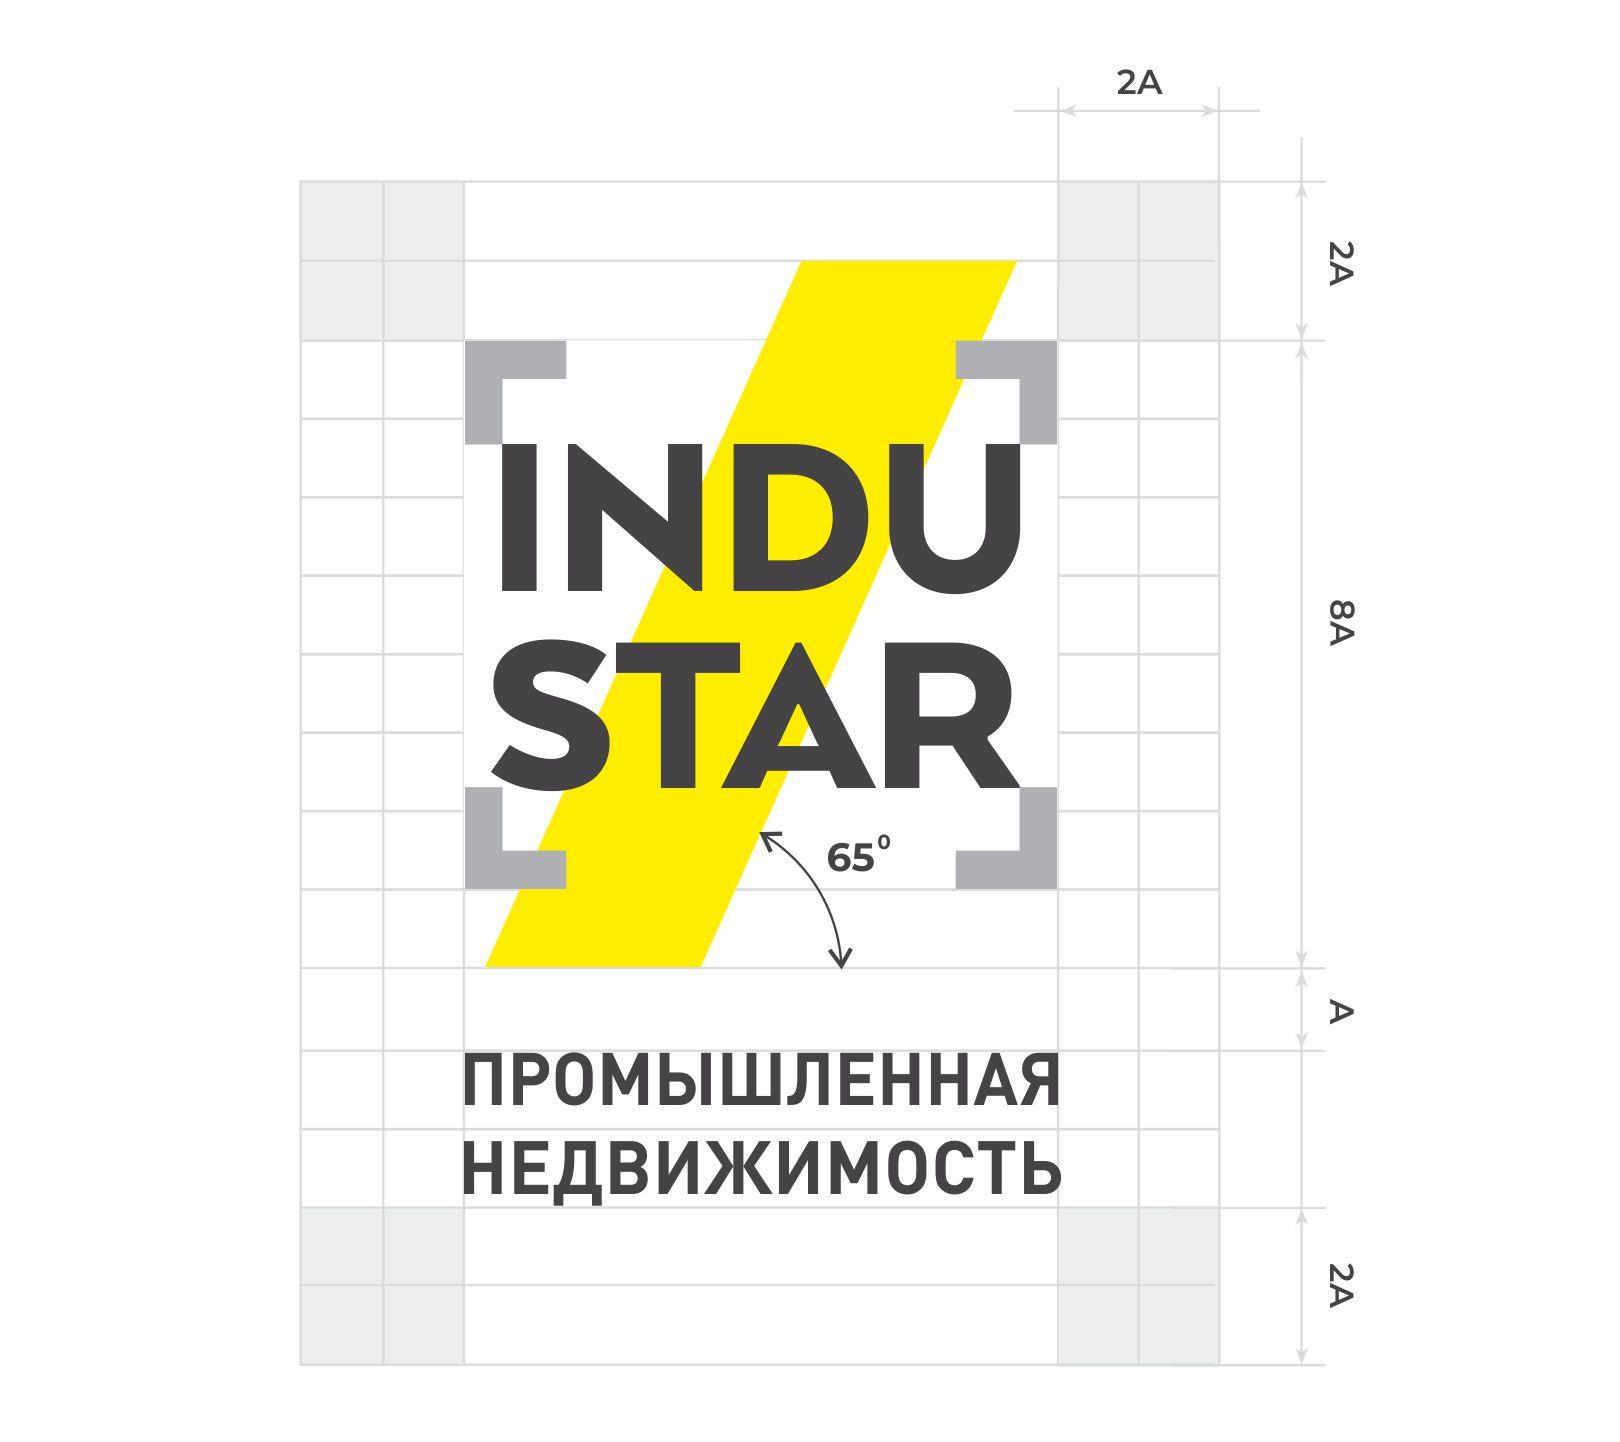 Промышленная компания логотип